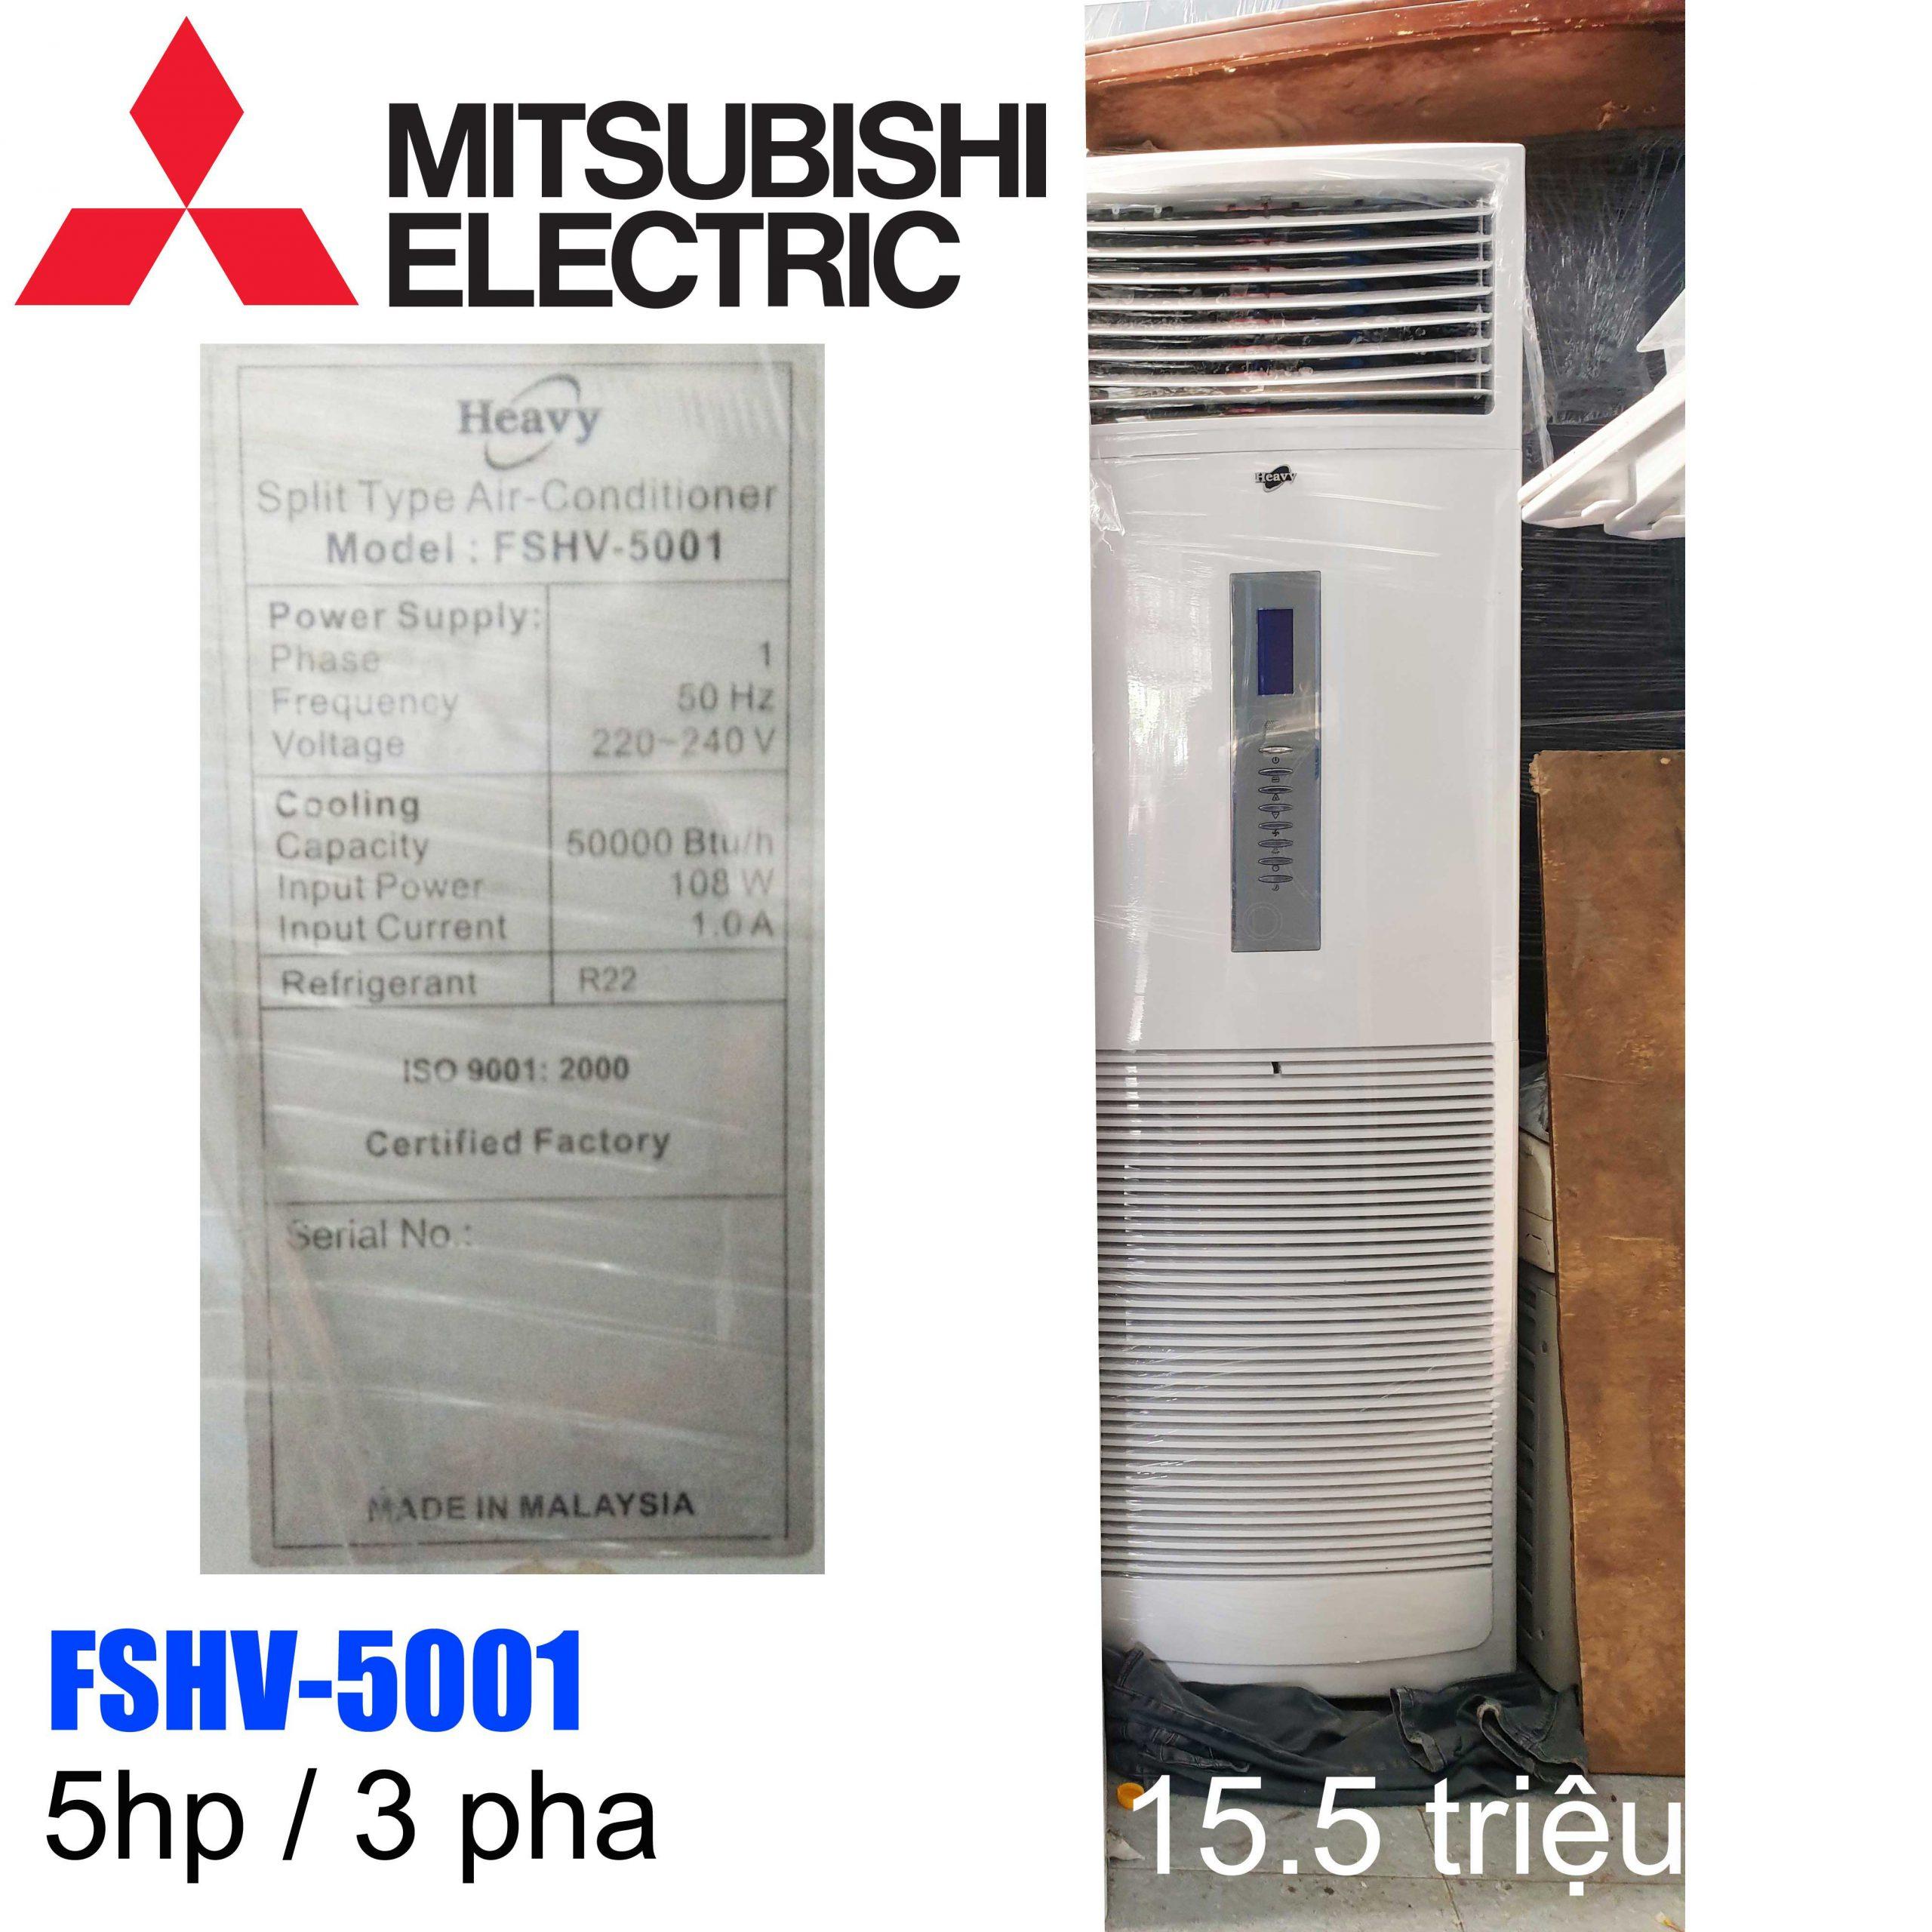 Máy lạnh tủ đứng Heavy FSHV-5001 5HP